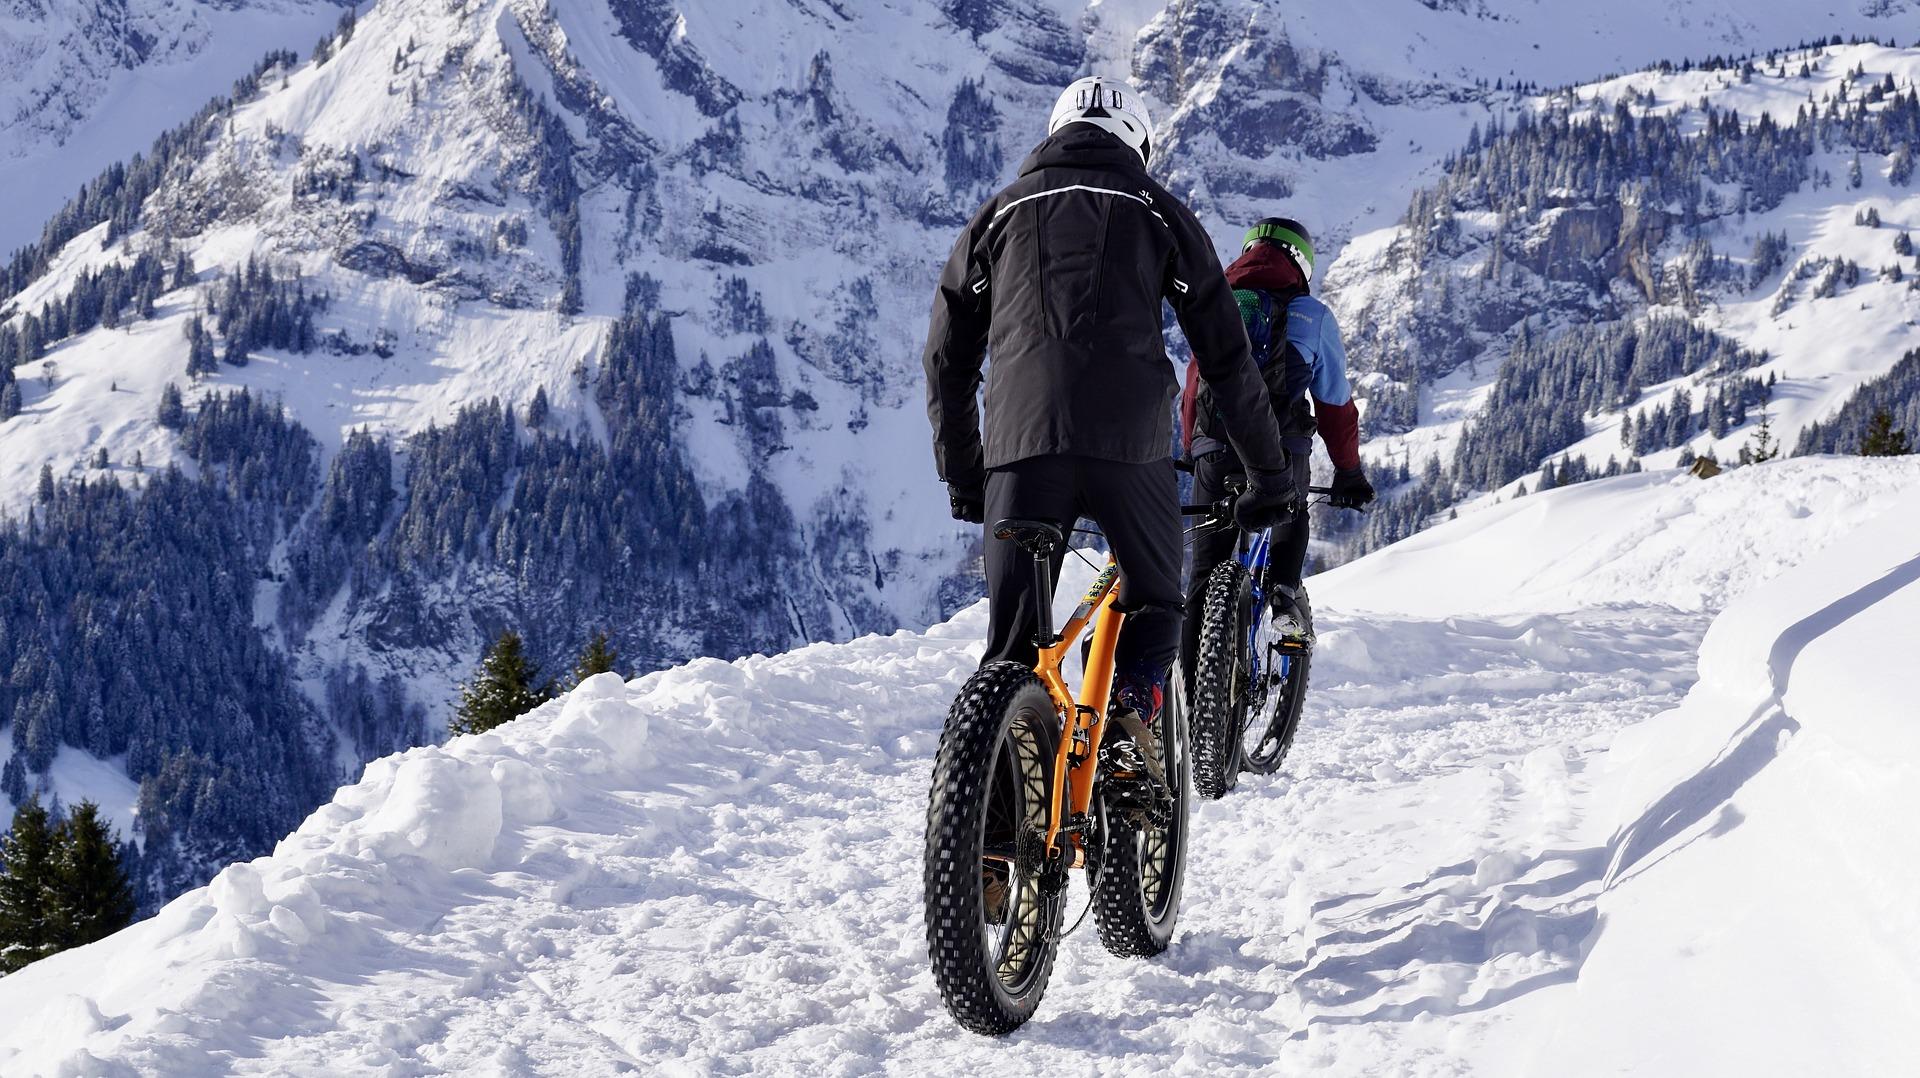 Як правильно кататися на велосипеді взимку: всі за і проти